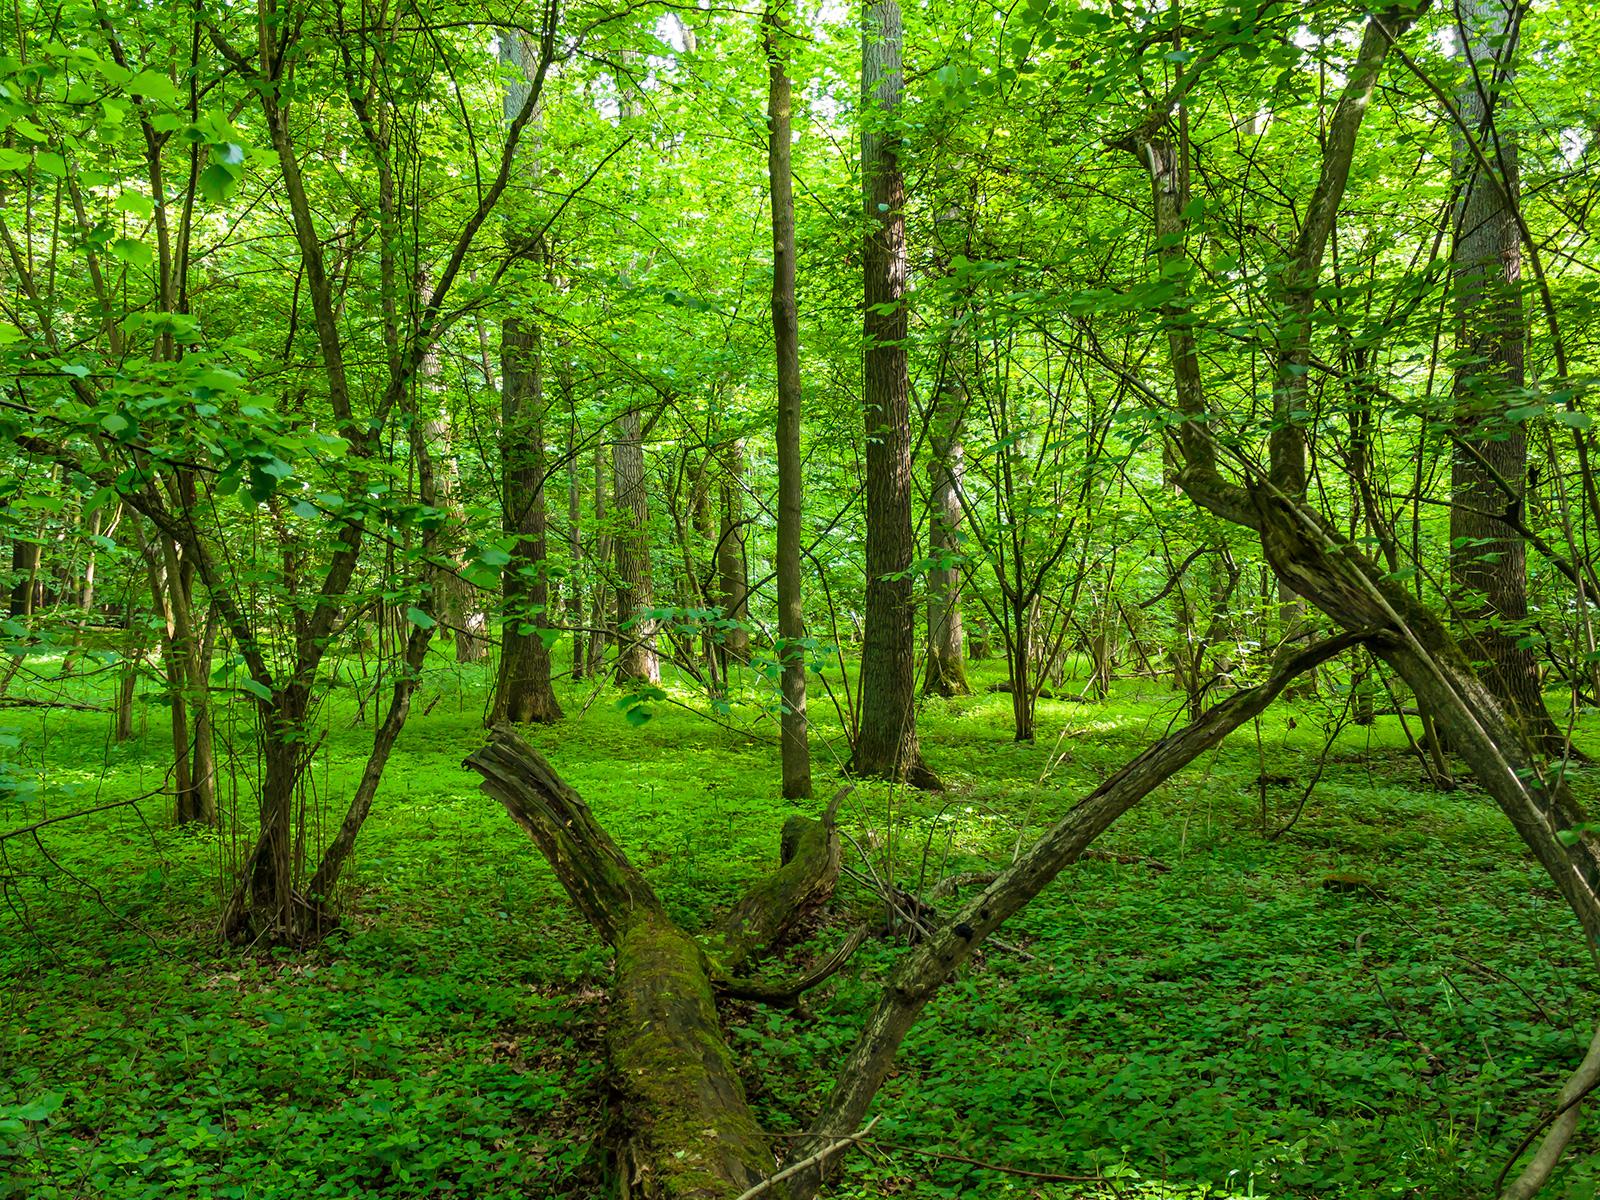 Totholz im Mischwald aus Eichen, Buchen und Linden